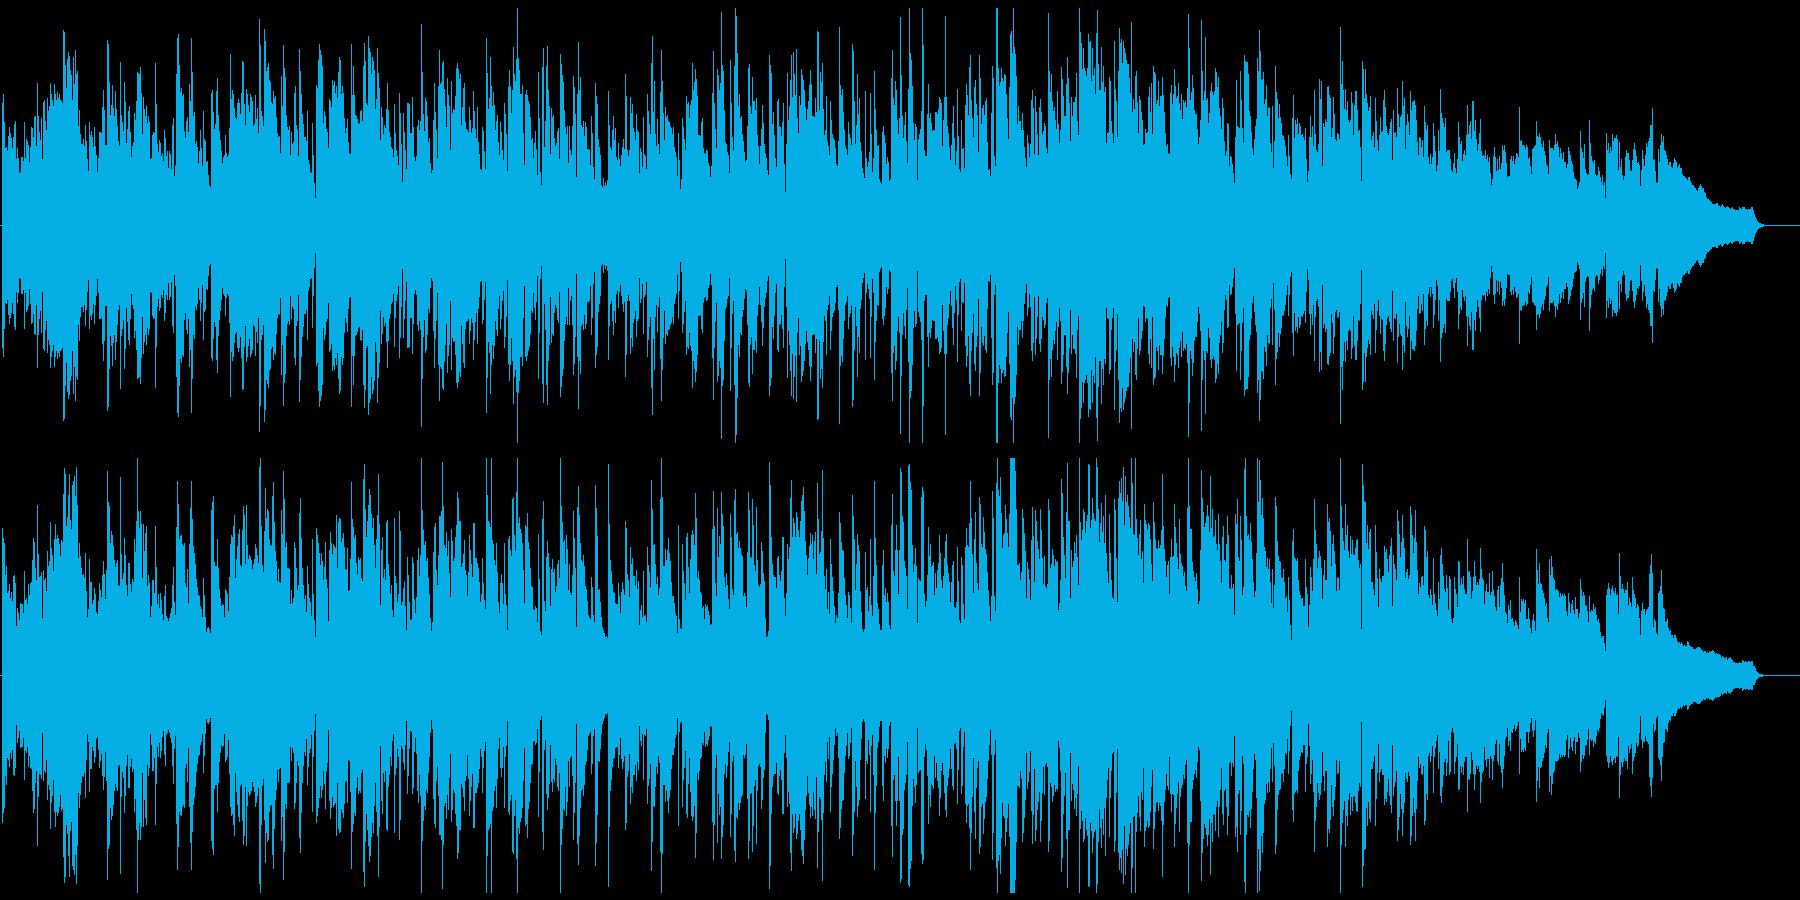 アルトサックス生演奏のボサノバ・ジャズの再生済みの波形